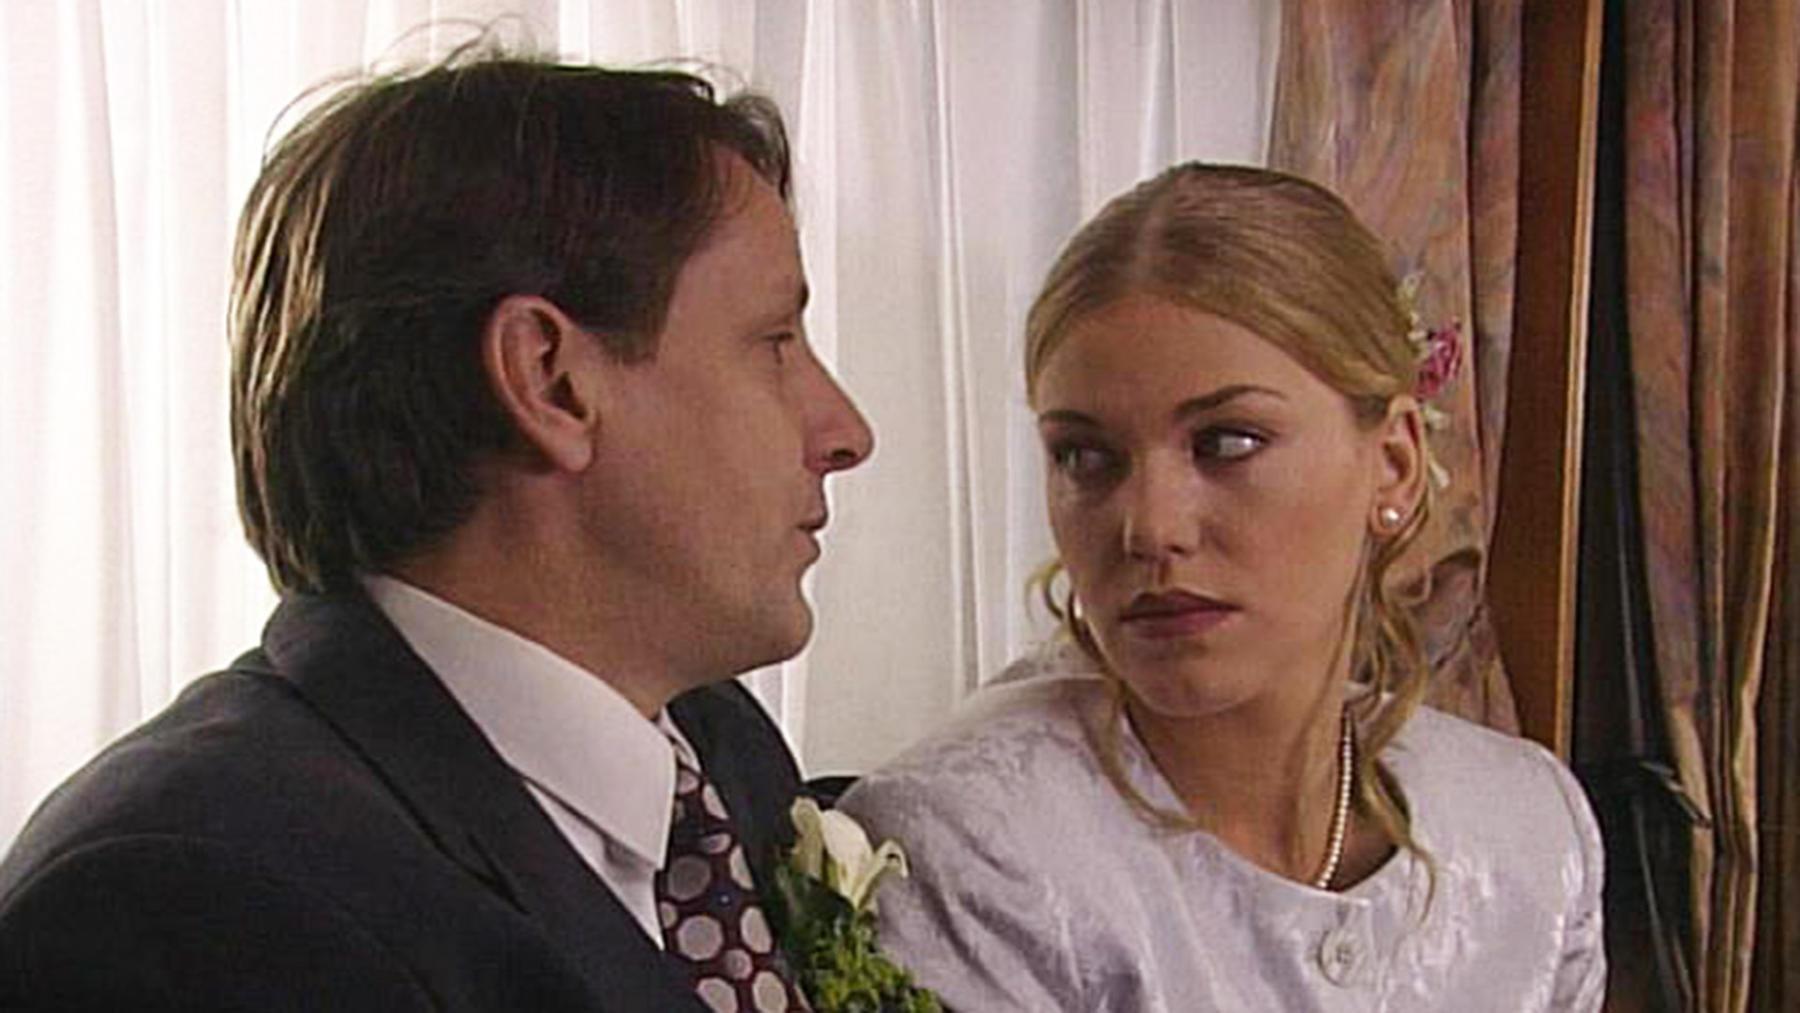 Corinna verkündet, dass es keine Hochzeit geben wird.